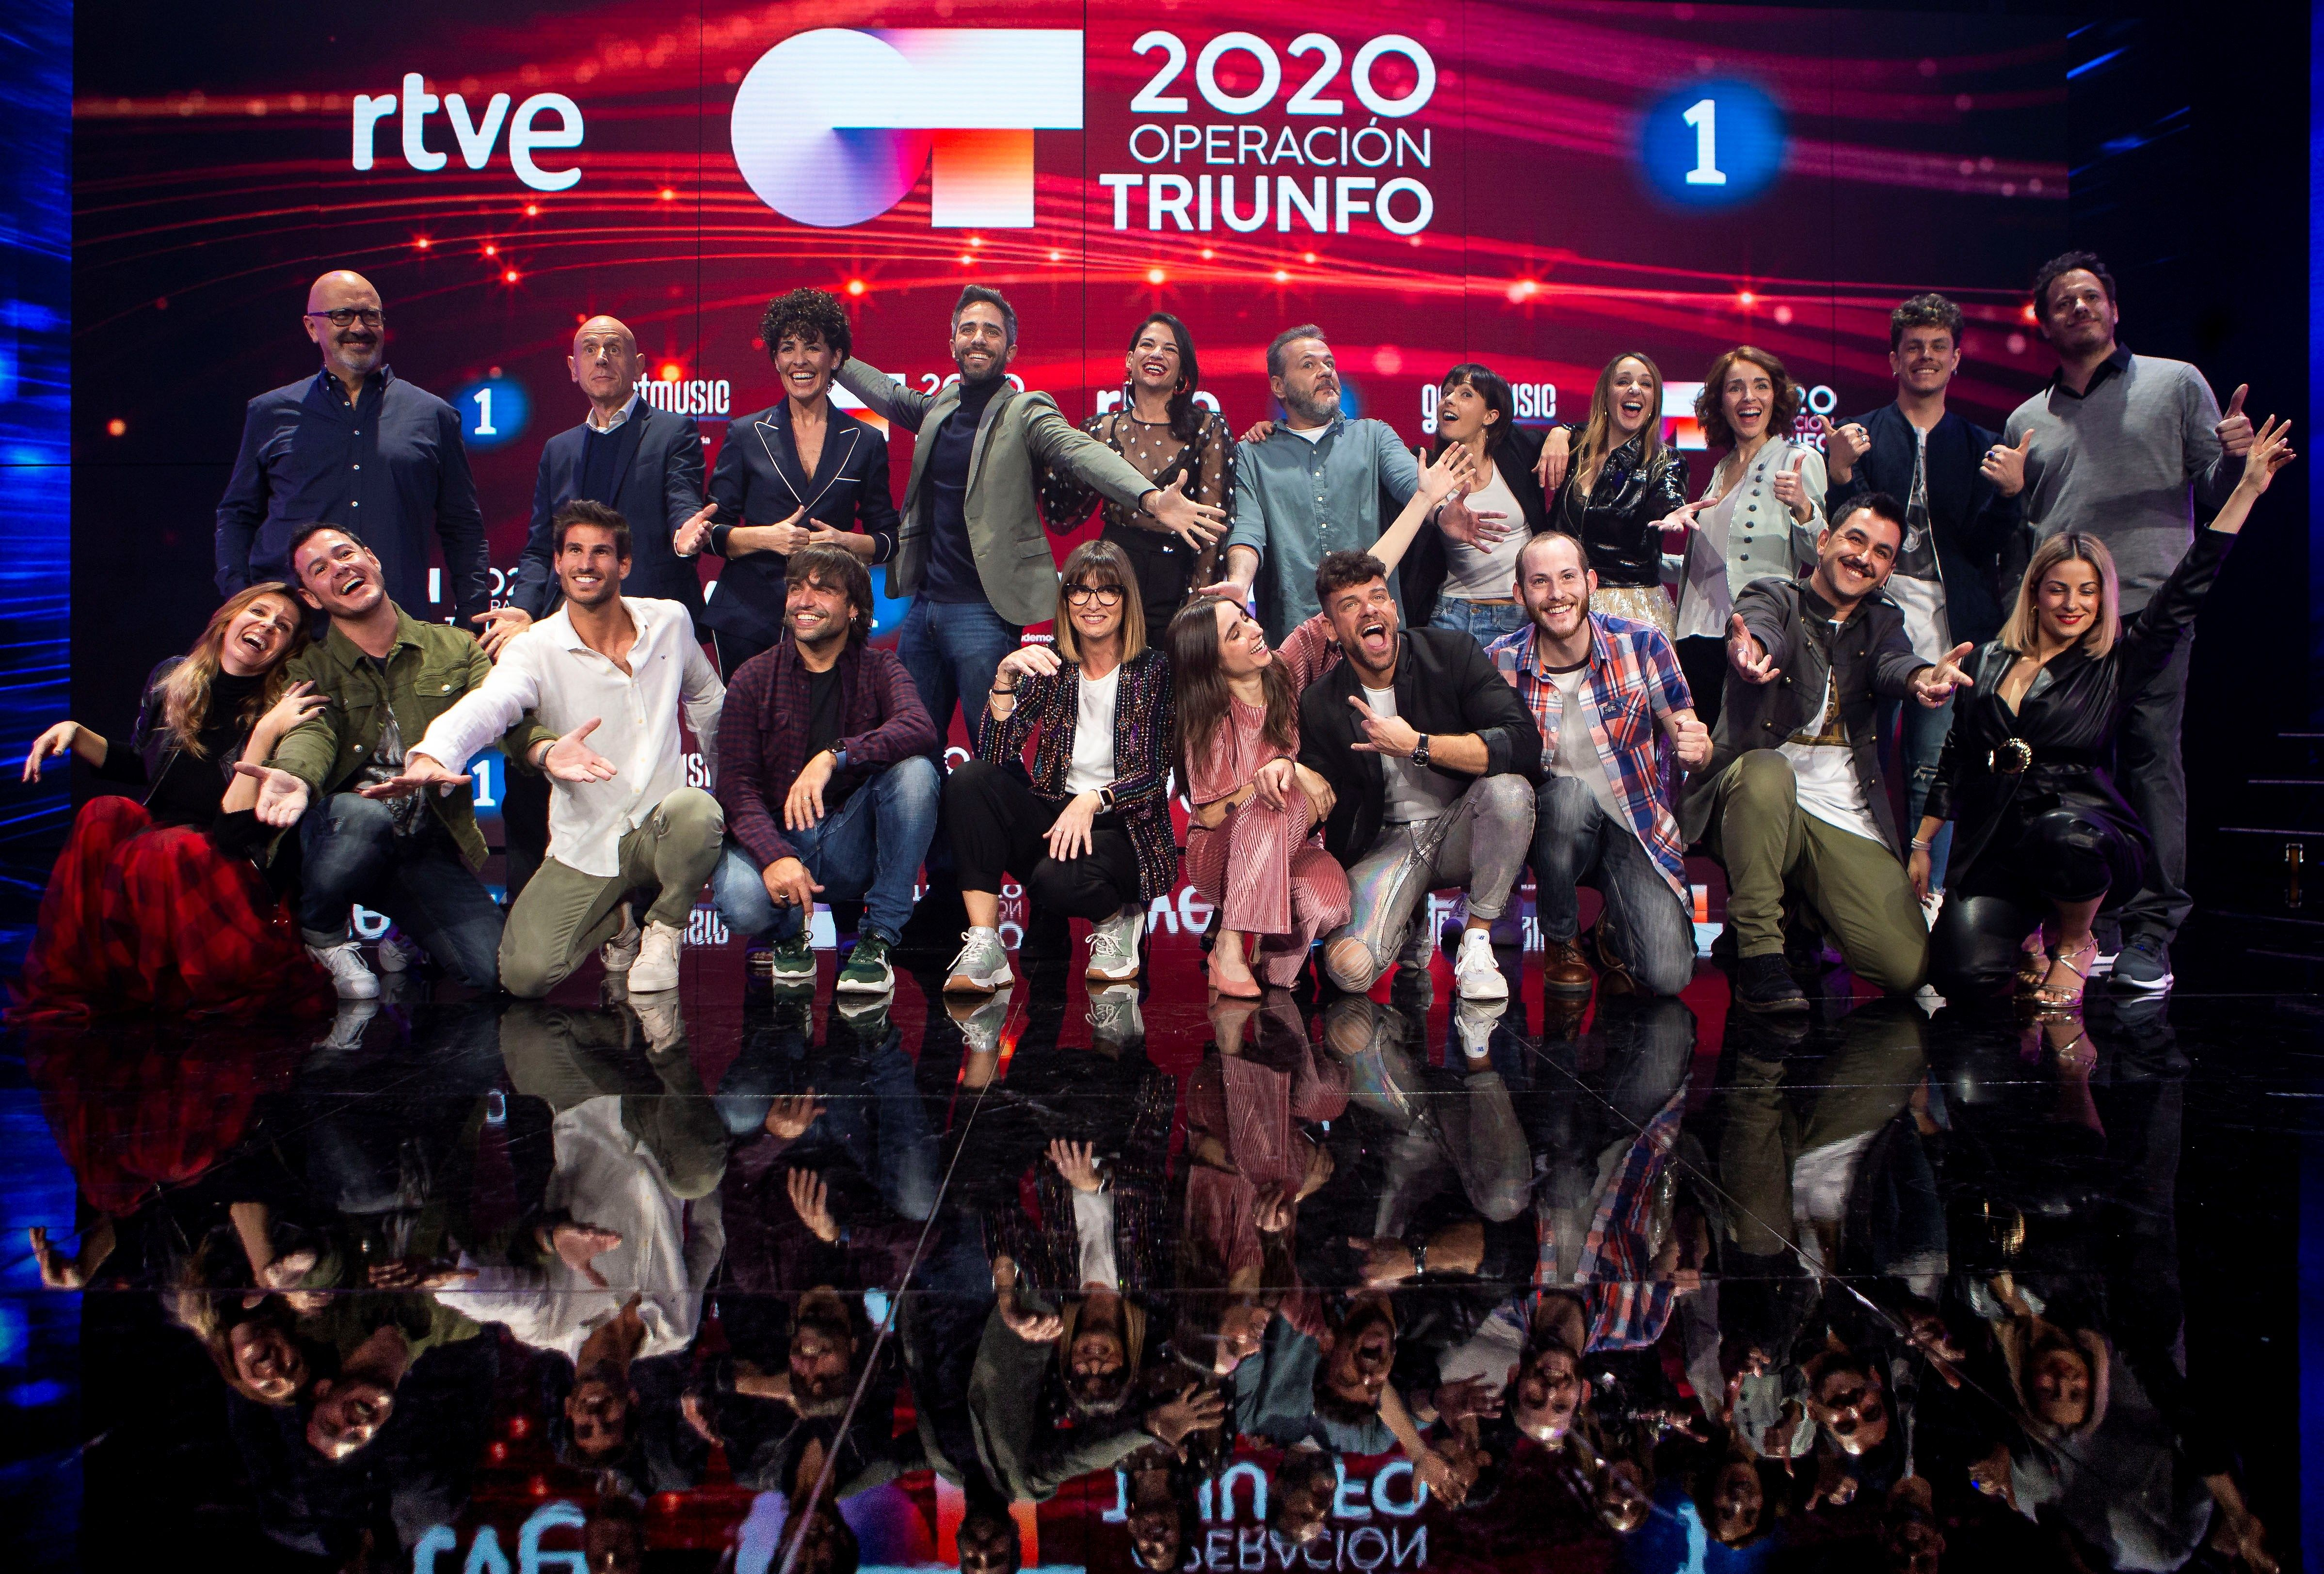 La gala 1 de Operación Triunfo 2020 incendia las redes